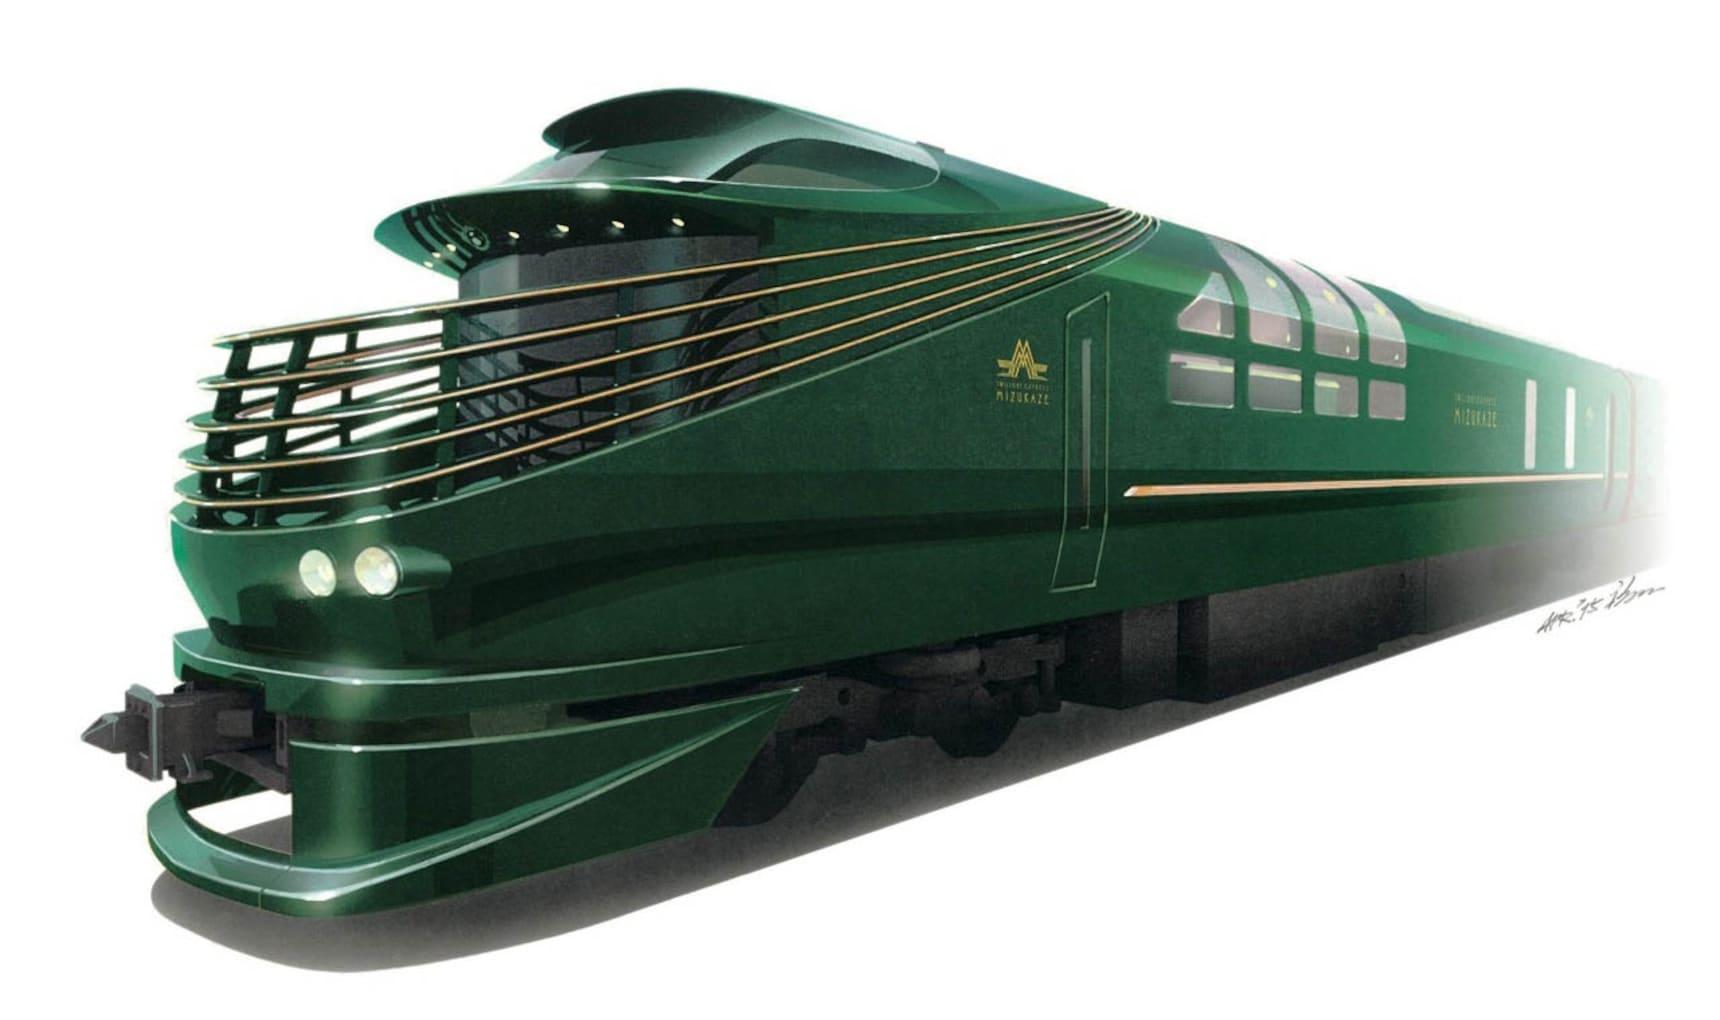 日本自由行新主张,豪华寝台列车「Twilight Express瑞风」开放预约啦!